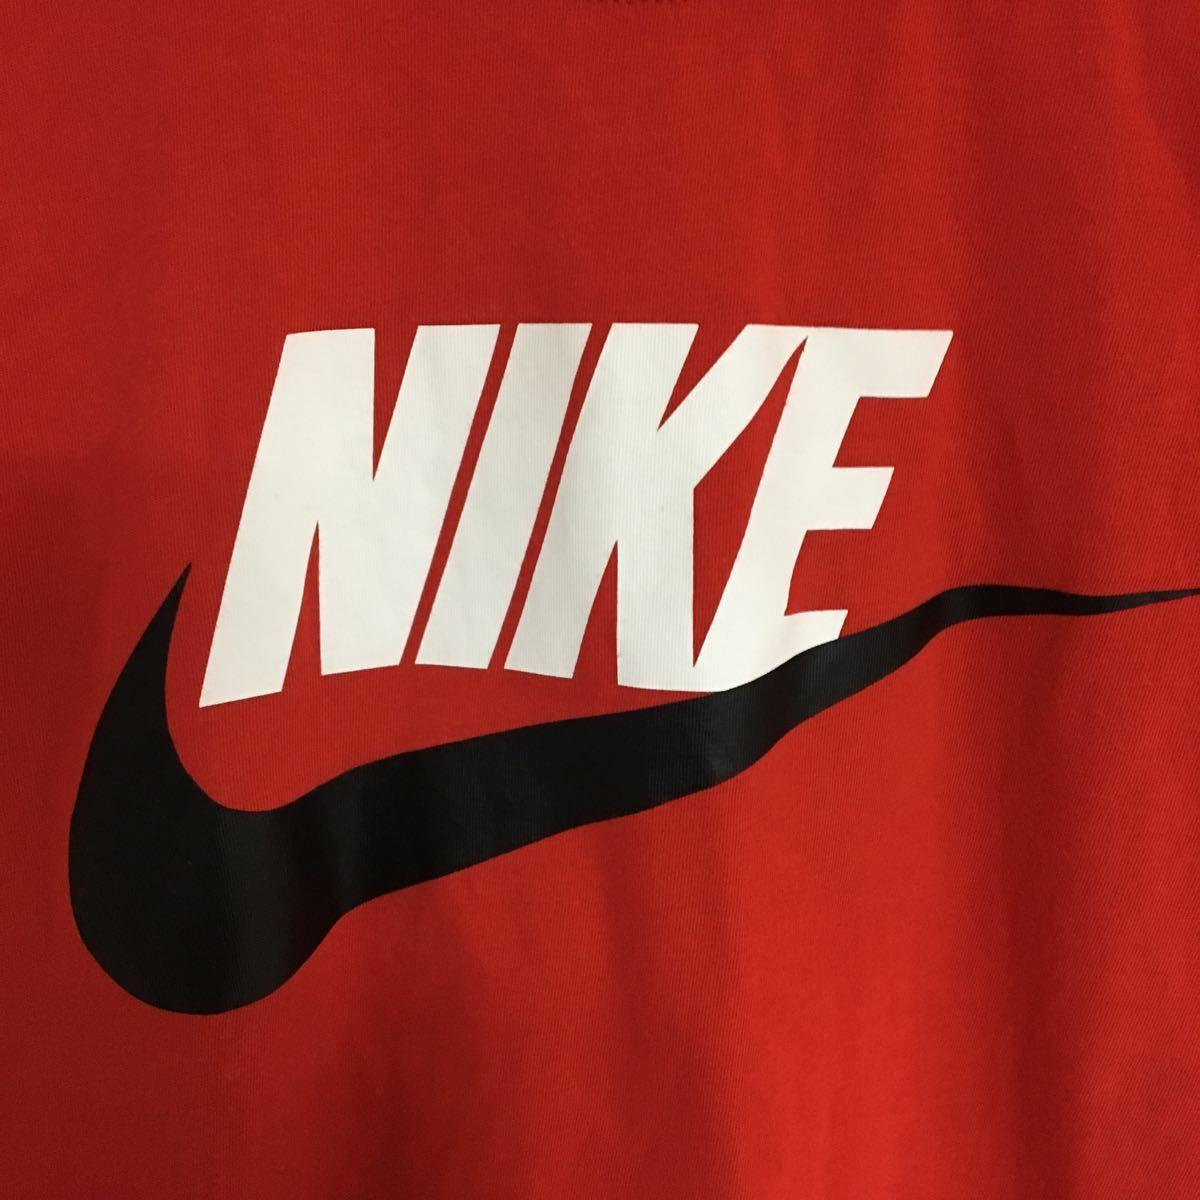 ナイキ NIKE Tシャツ 半袖シャツ ビッグロゴ Lサイズ ジム 筋トレ